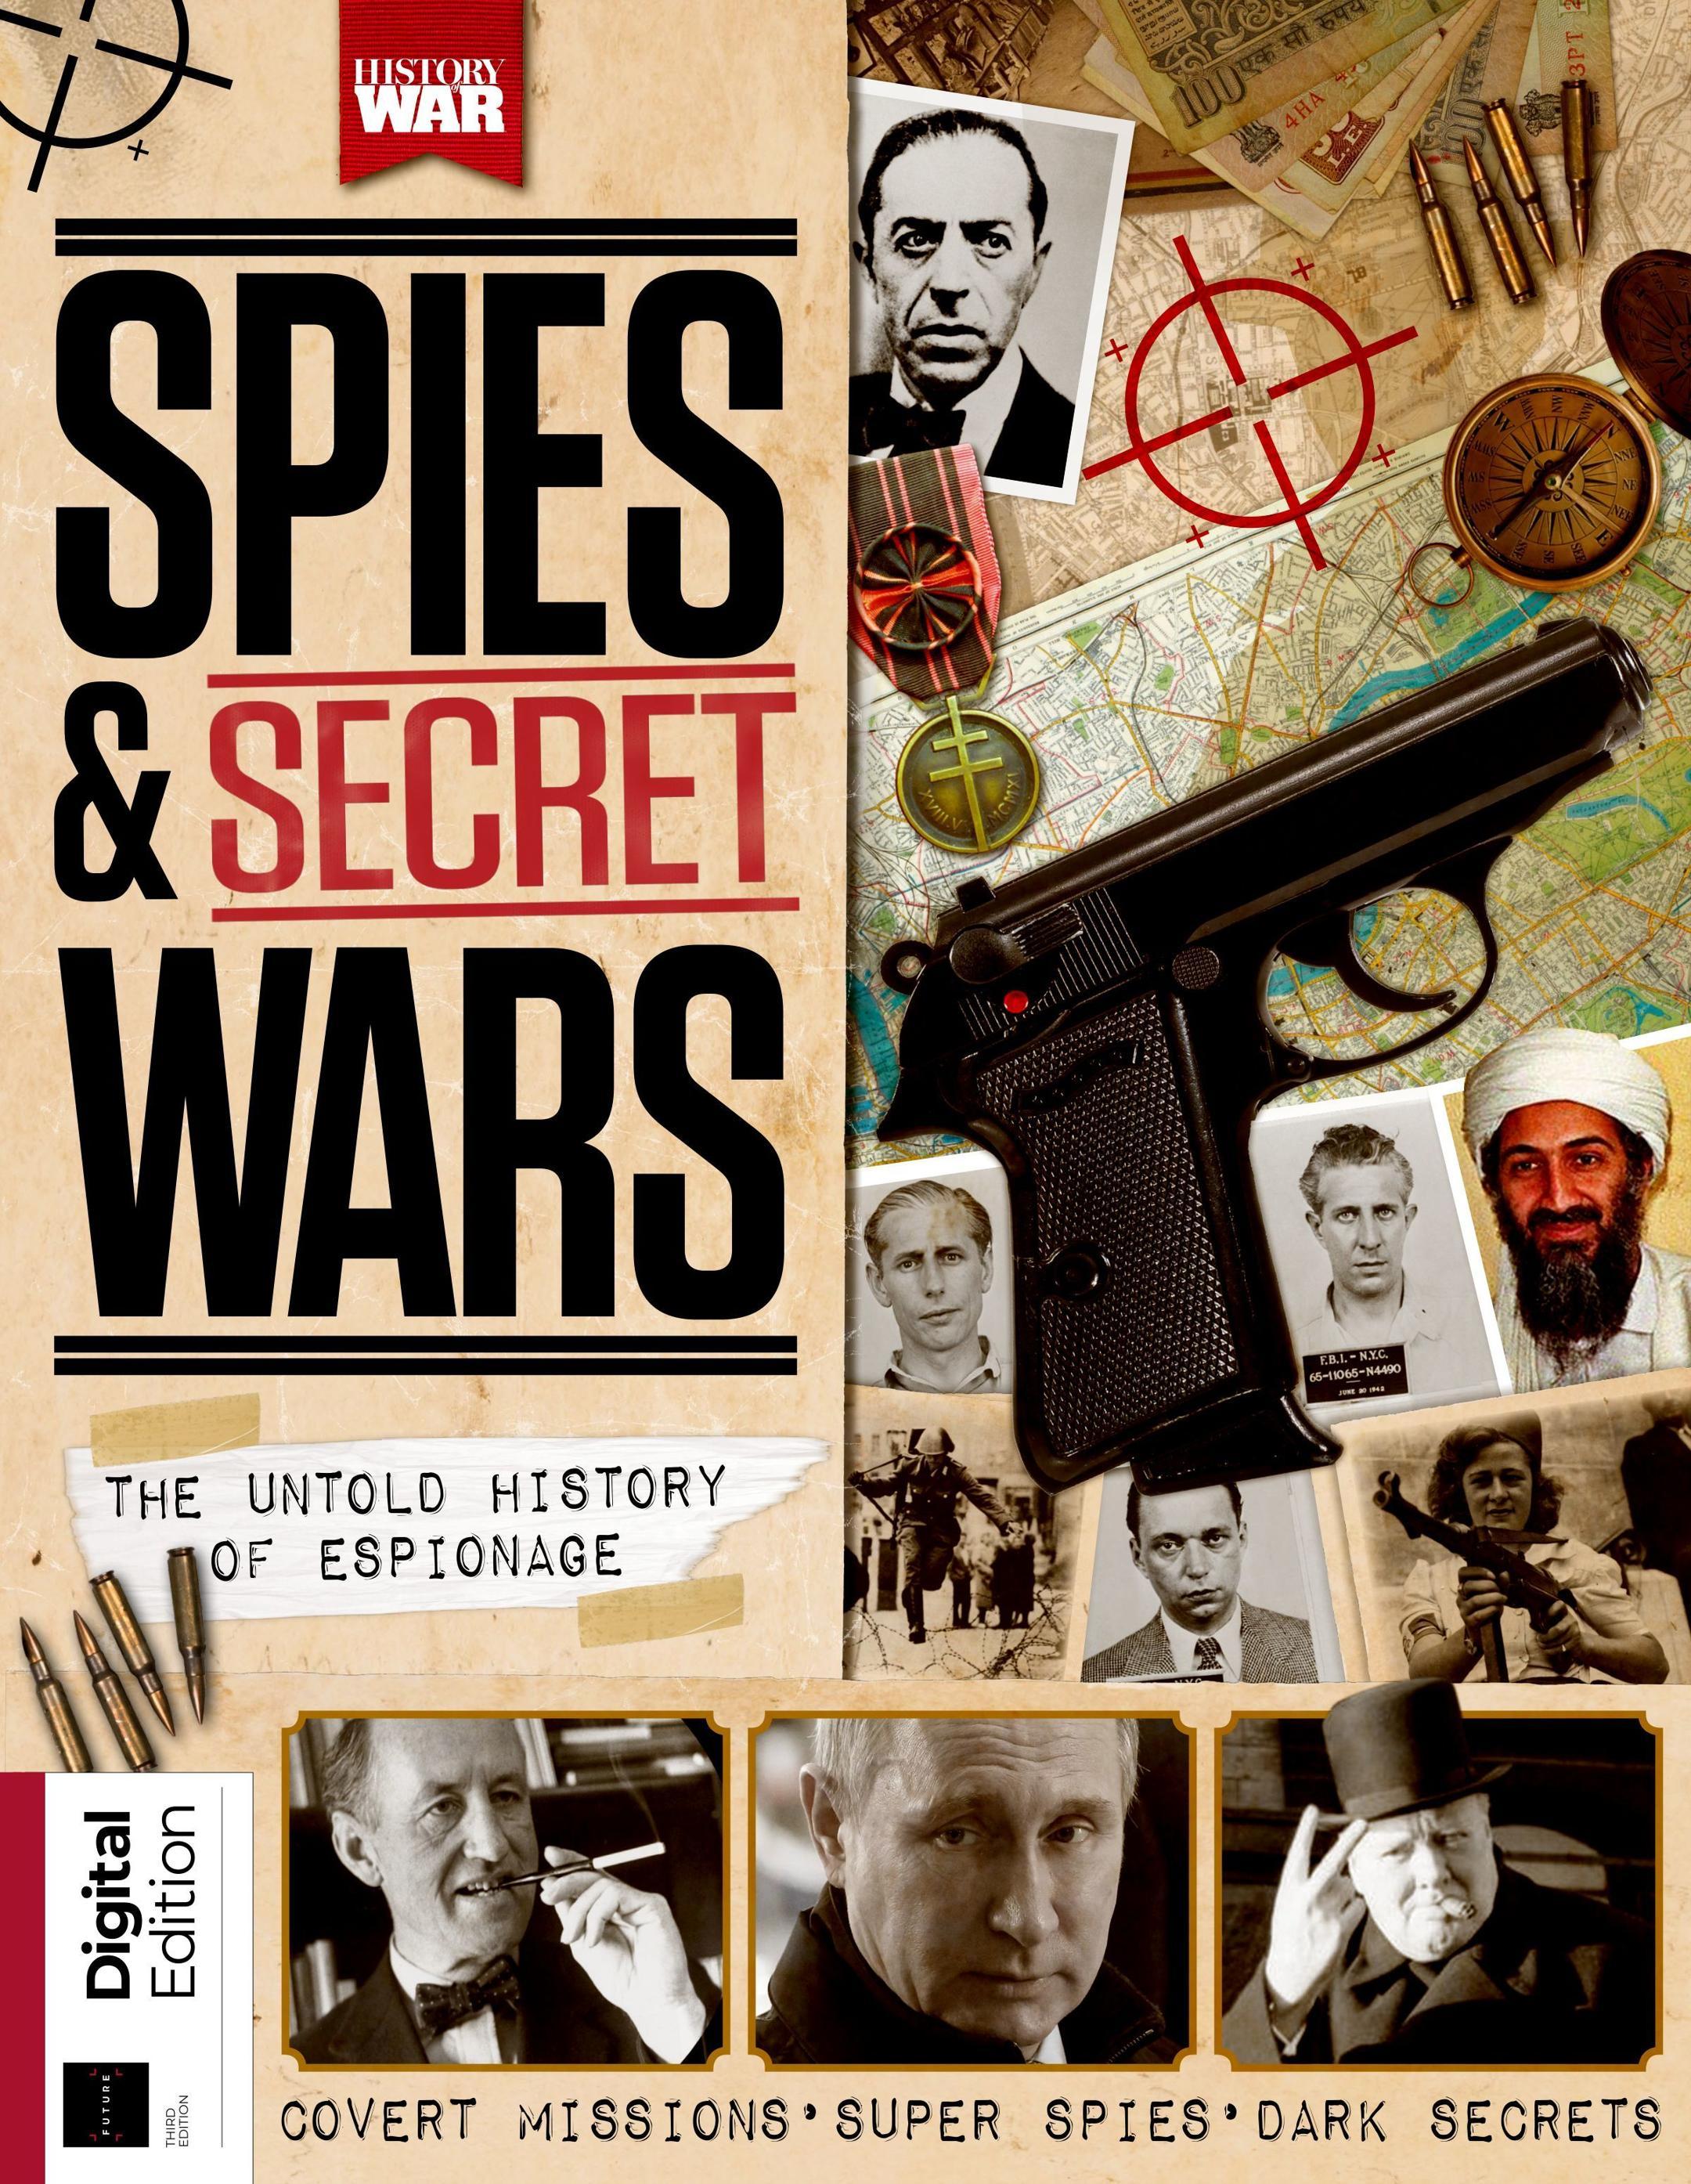 History of War: Spies & Secret Wars – July 2019